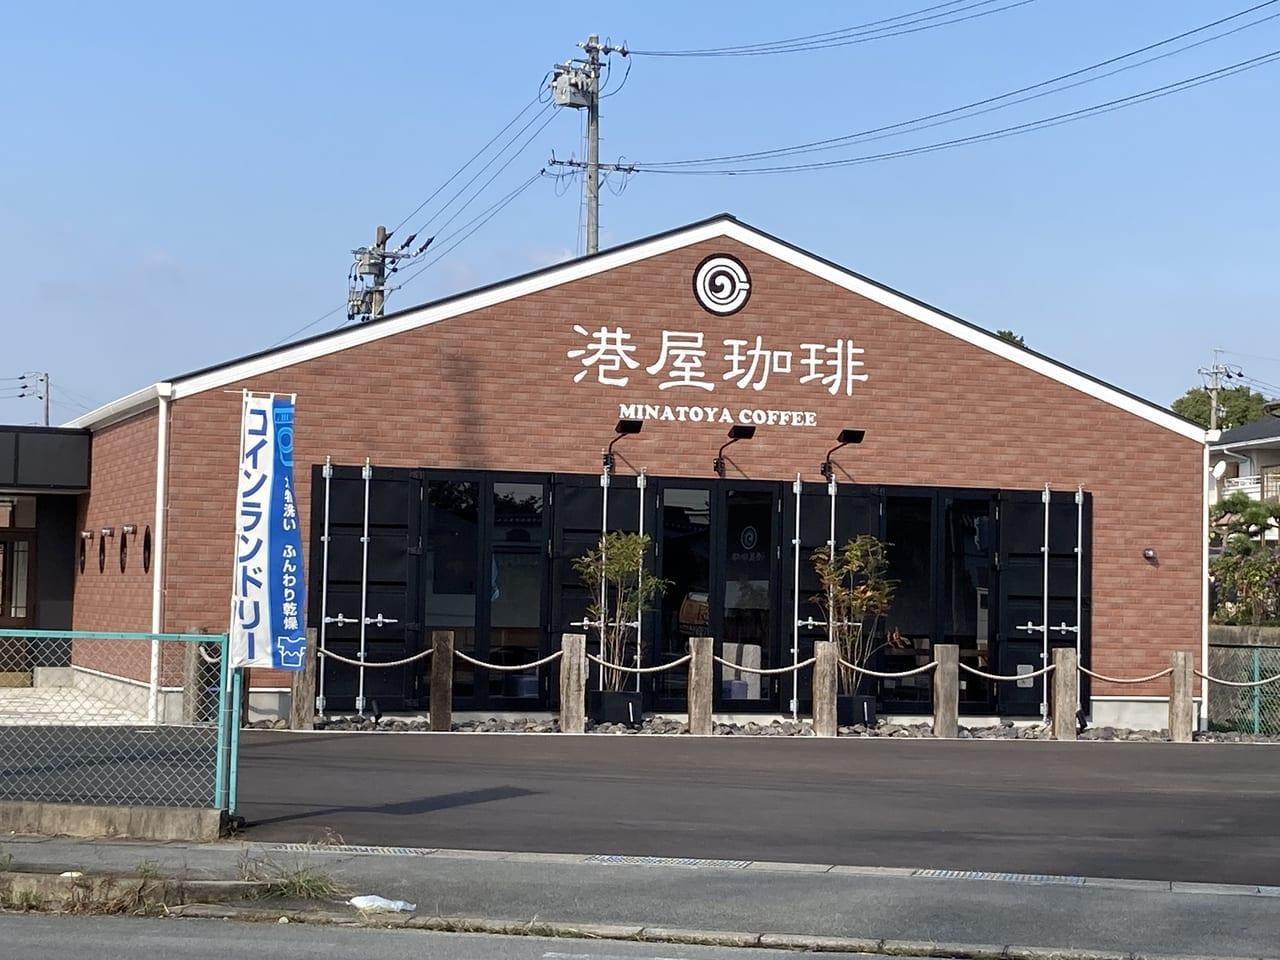 港屋珈琲松阪店店舗を道路から見た画像